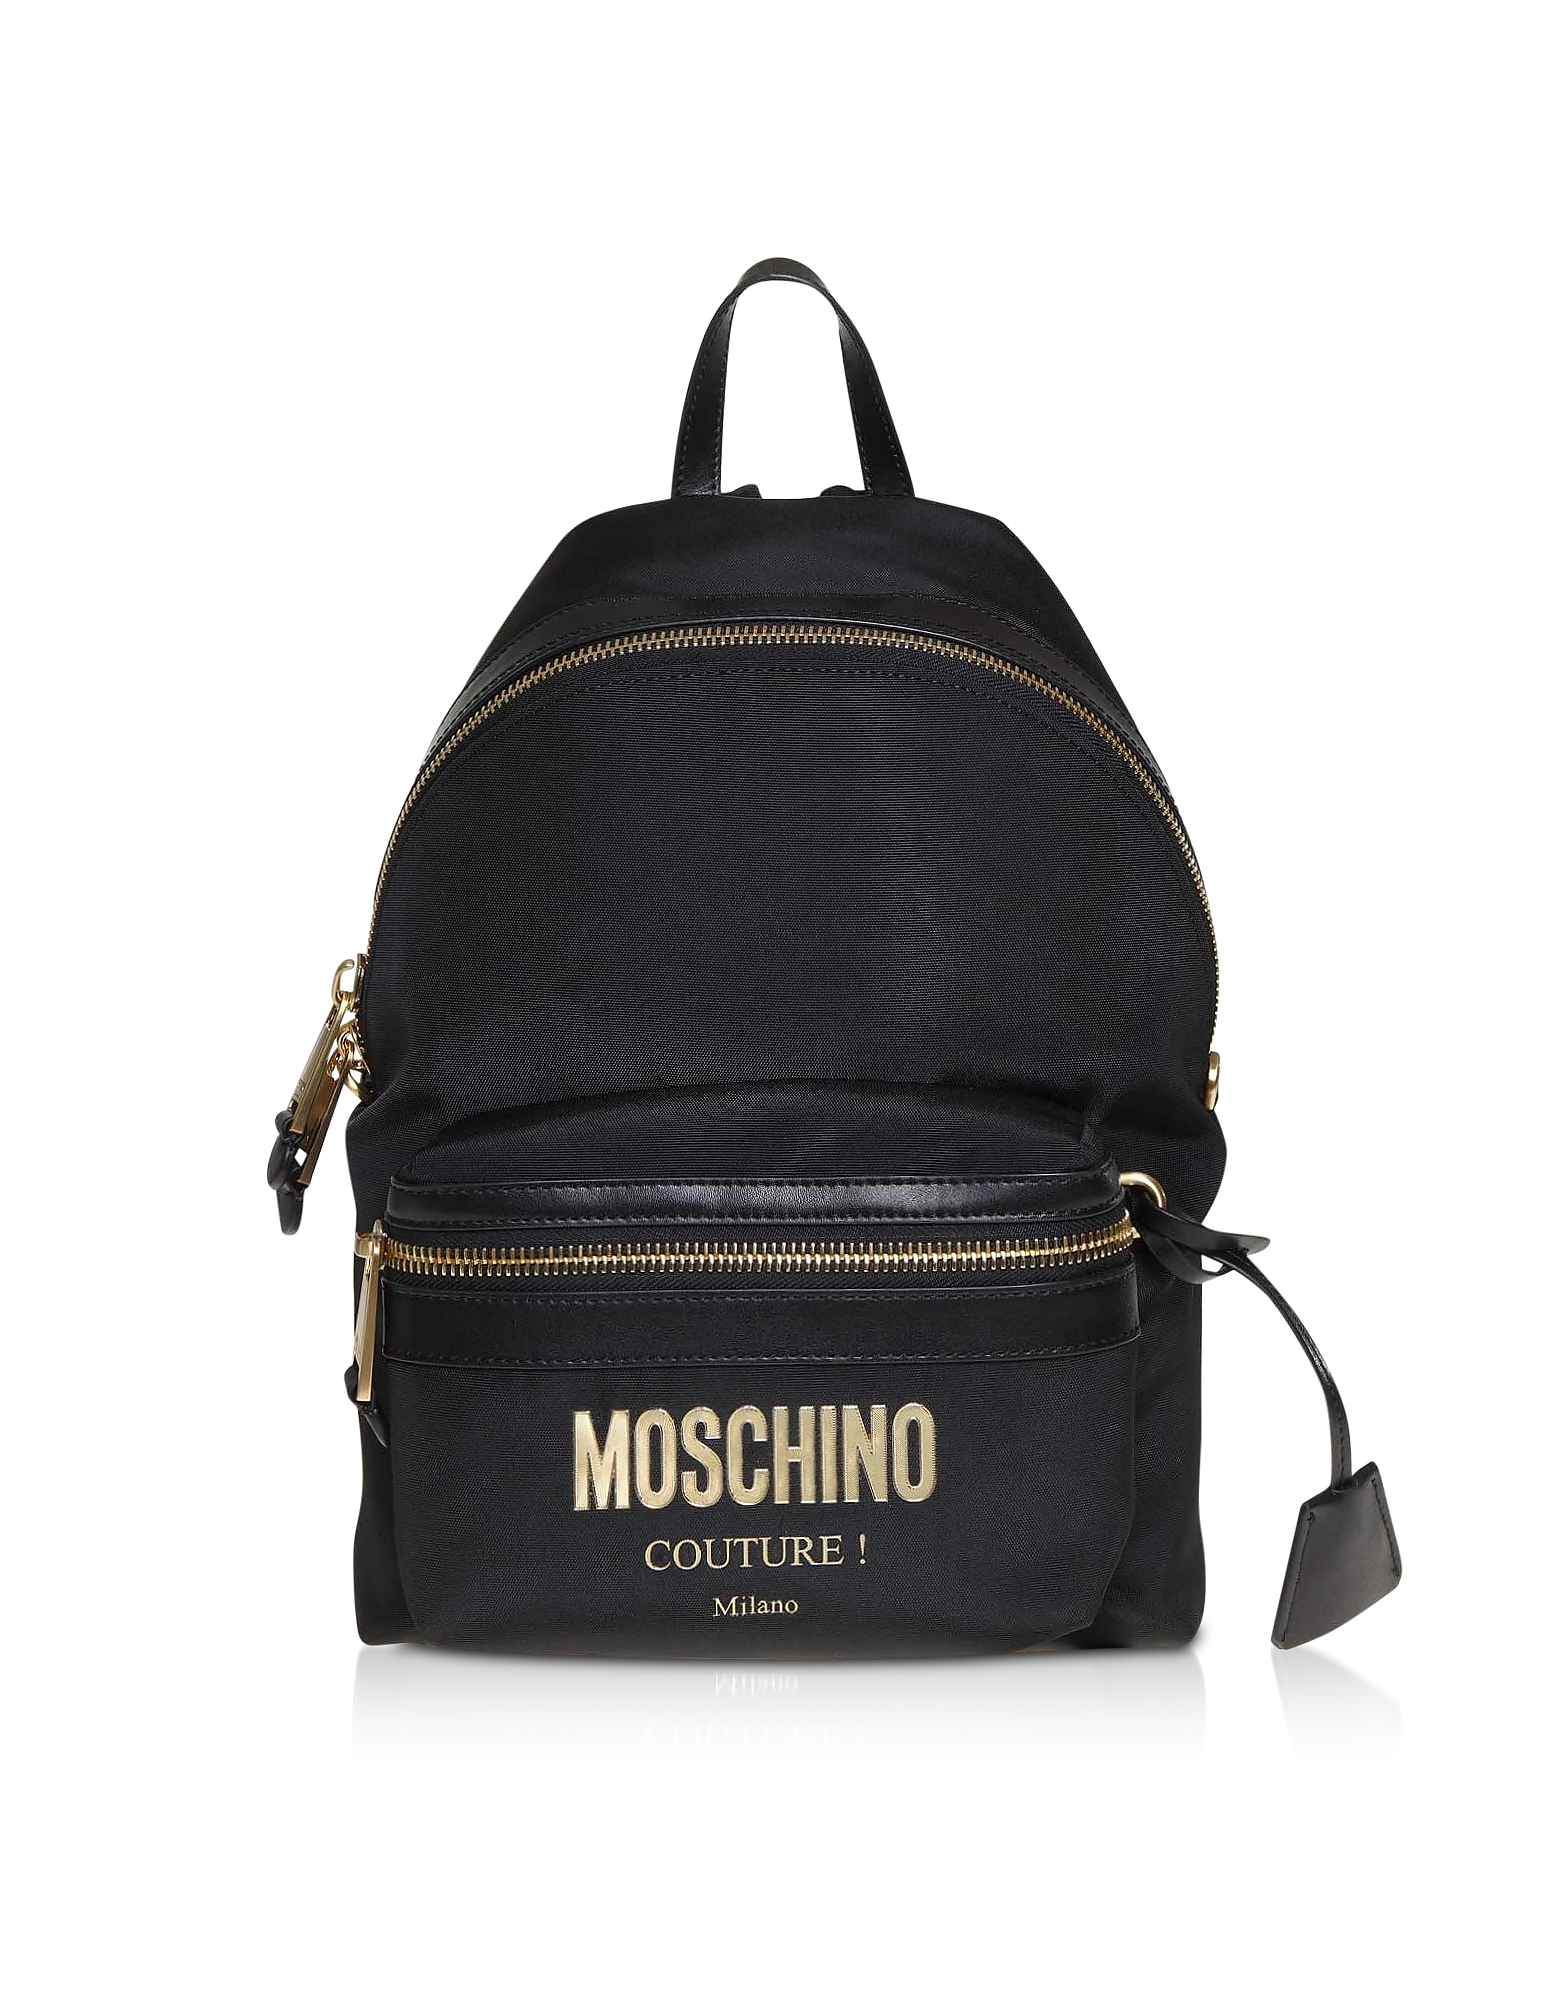 Маленький Черный Рюкзак с Золотистым Логотипом